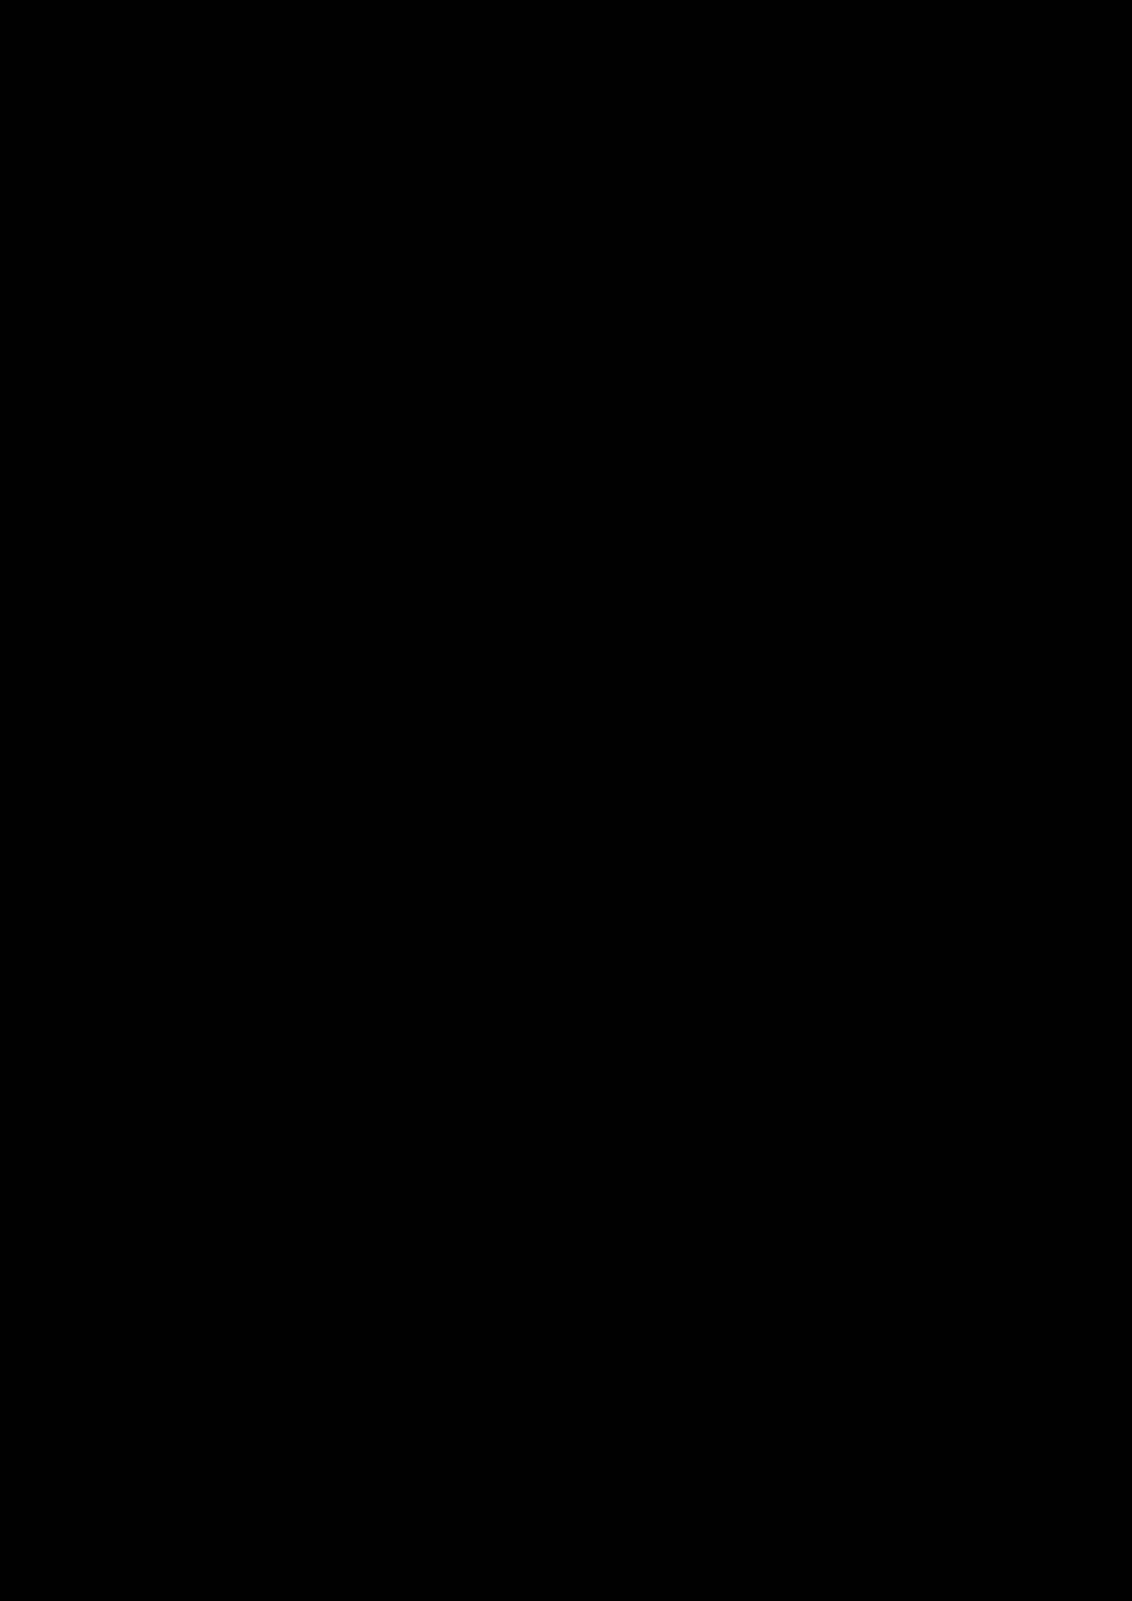 Proschanie s volshebnoy stranoy slide, Image 39